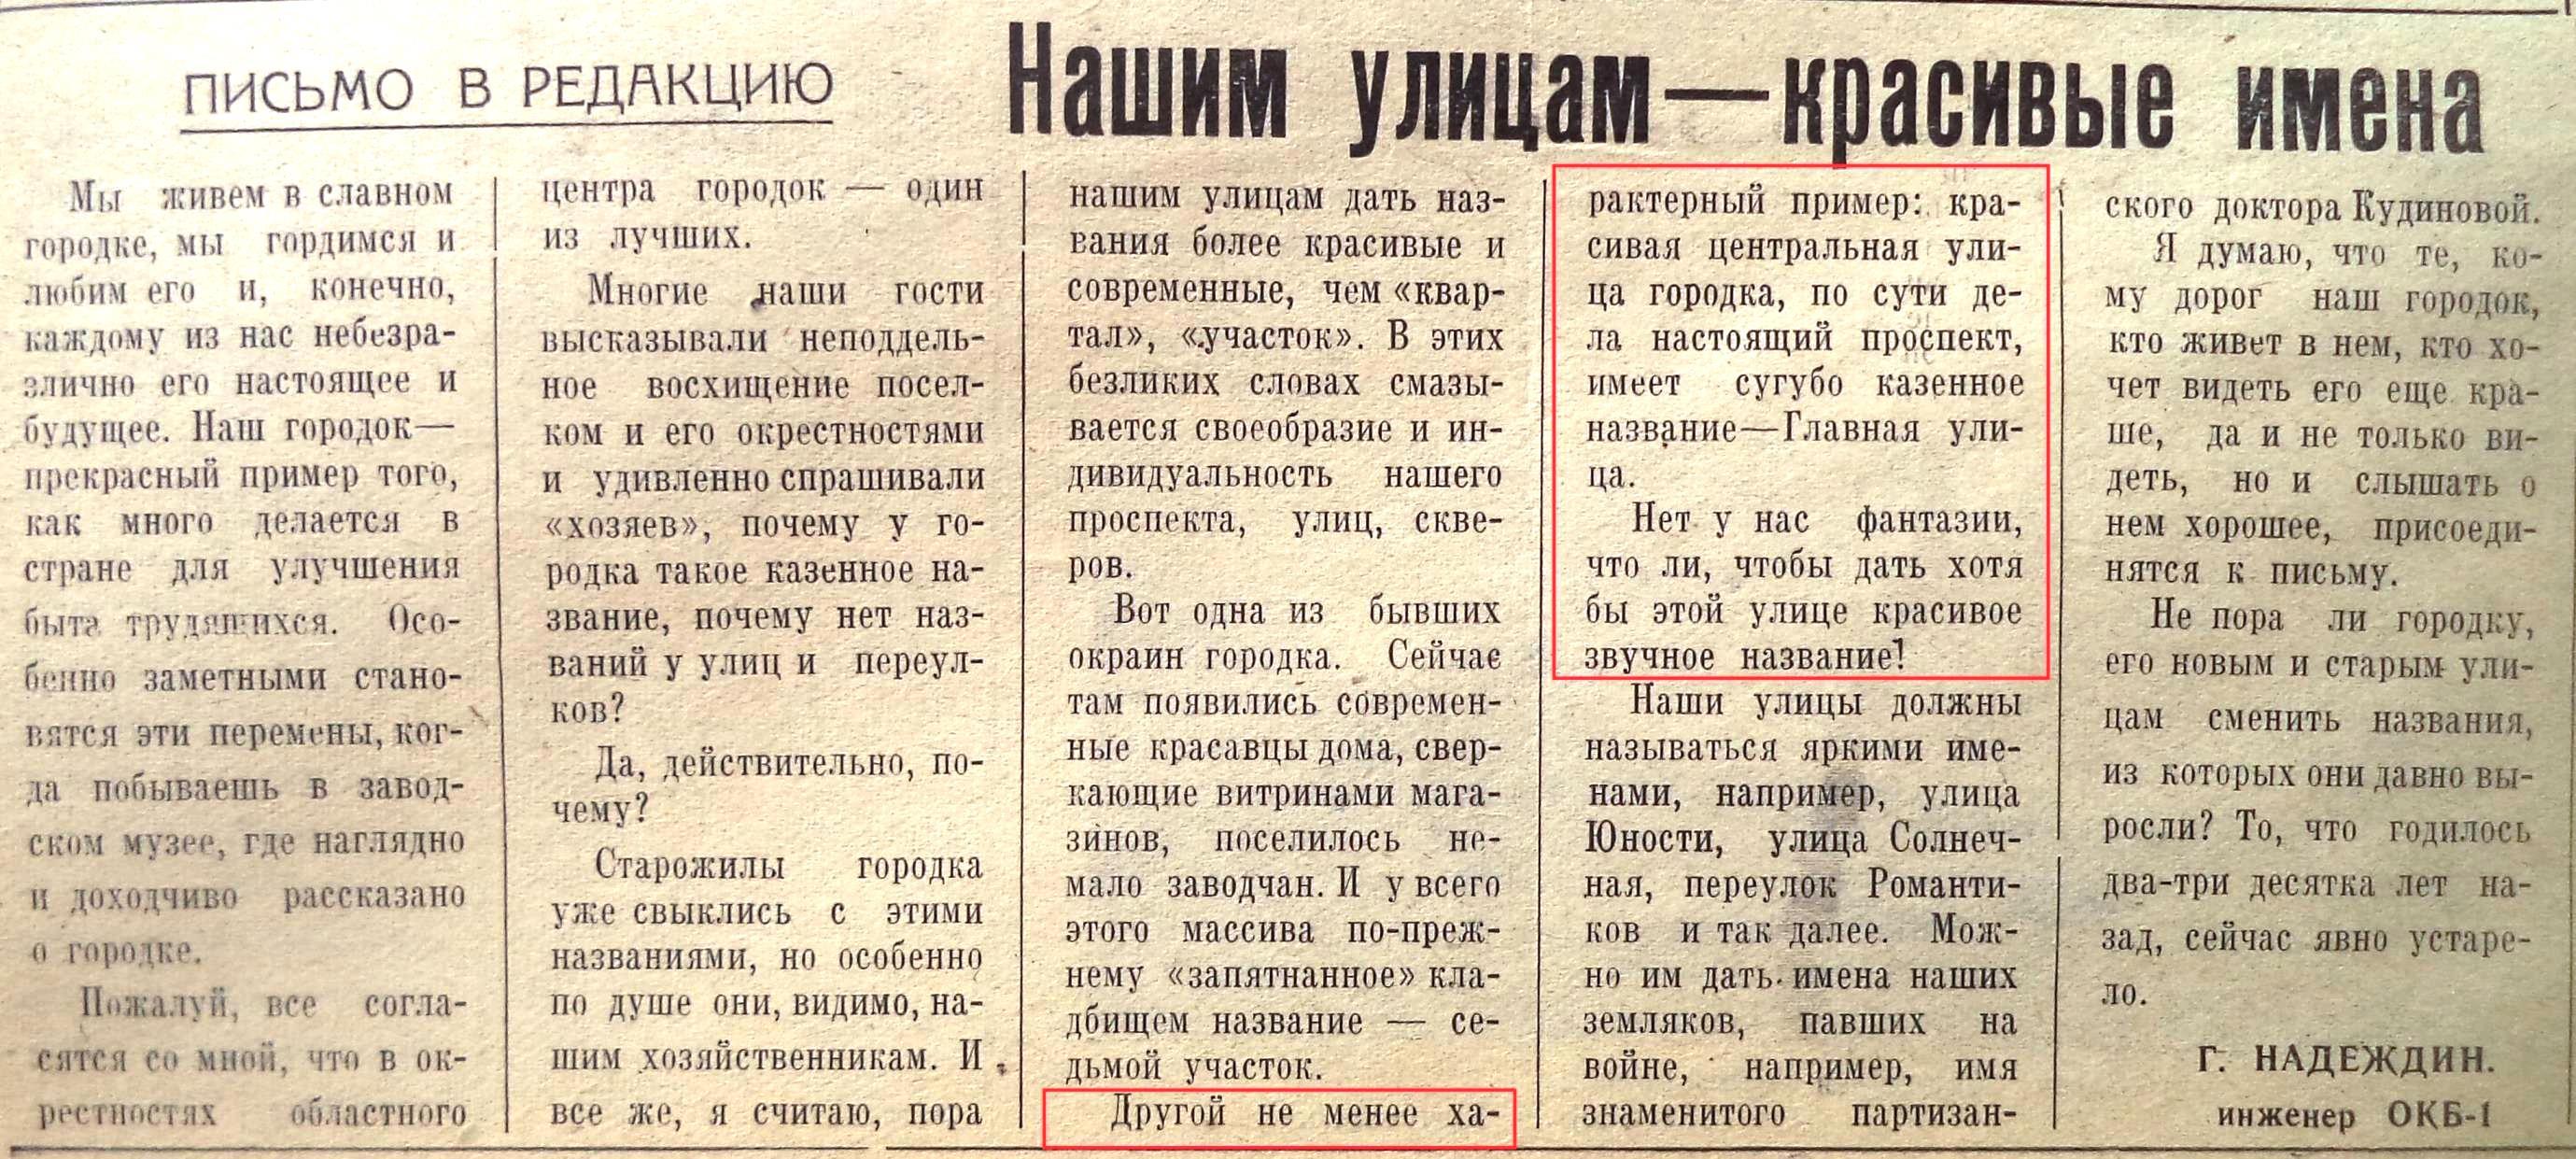 Сергея Лазо-ФОТО-01-Маяк-1968-01-08-о названиях улиц посёлка-min